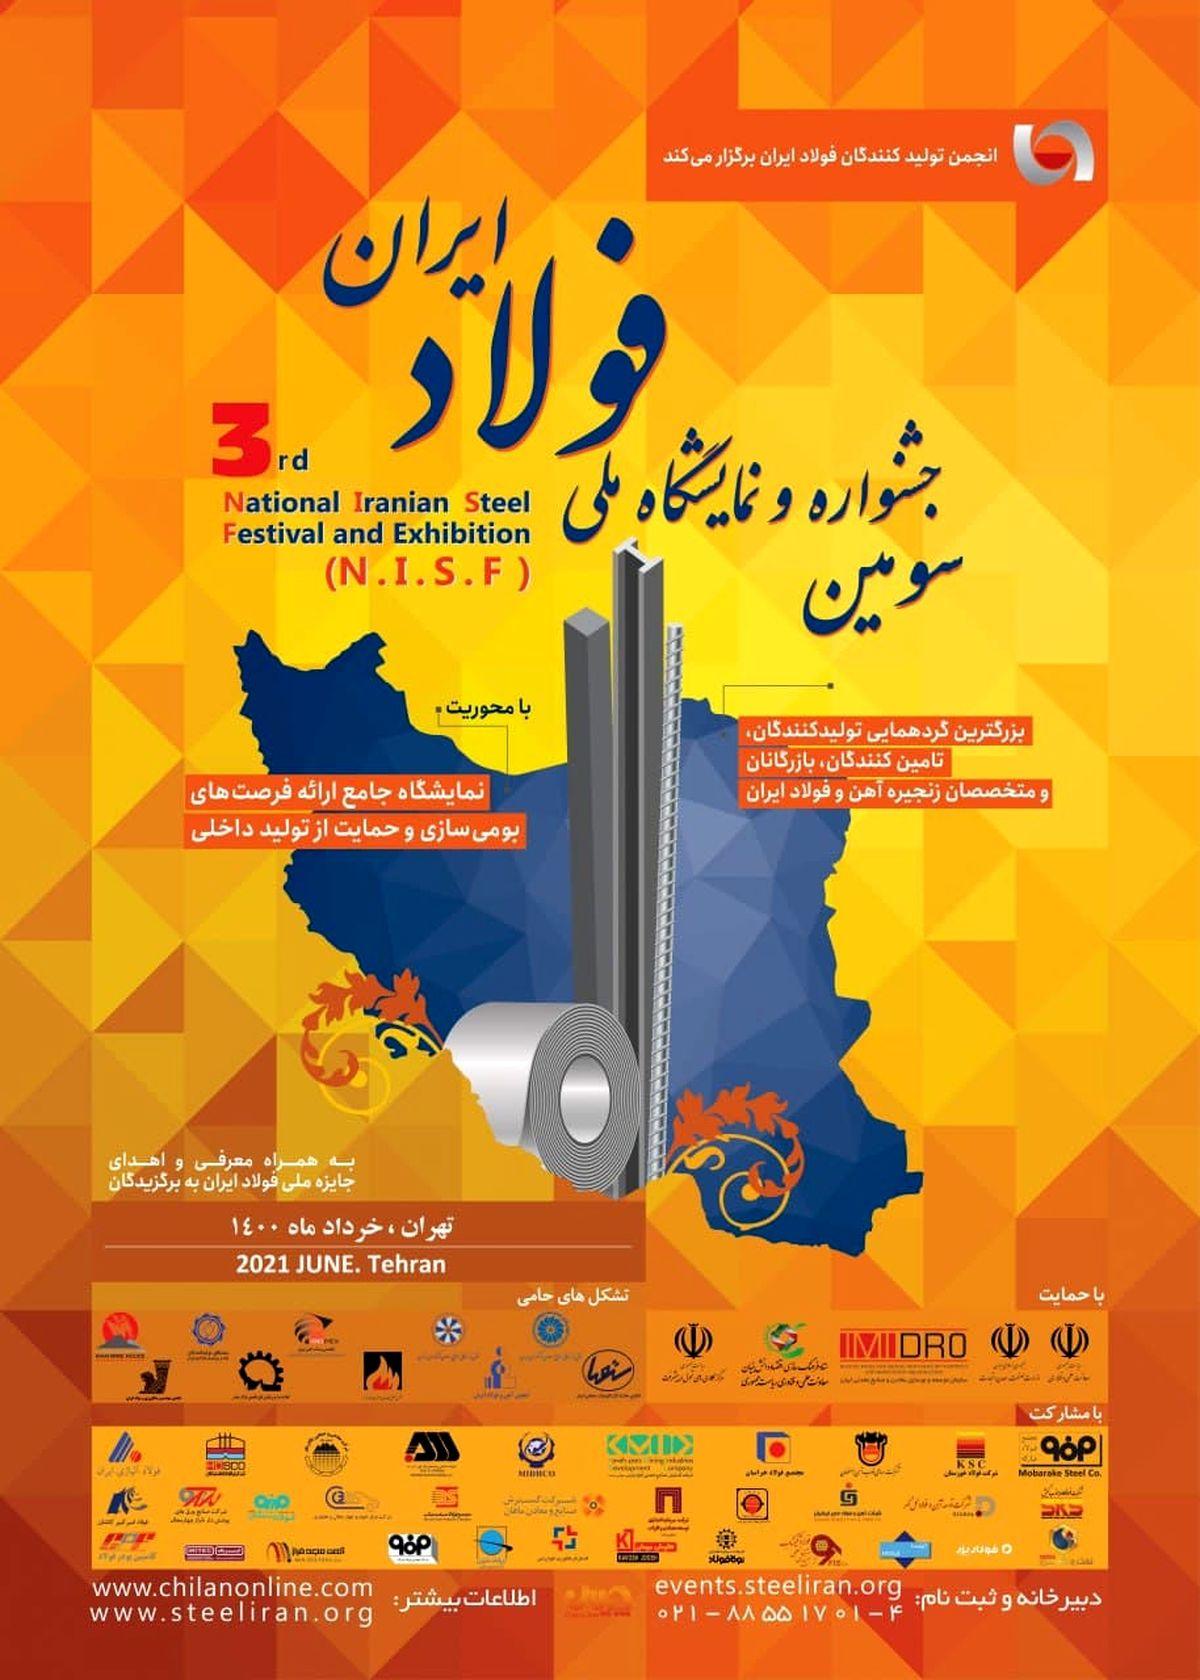 سومین جشنواره و نمایشگاه ملی فولاد ایران در خردادماه ۱۴۰۰ برگزار میشود